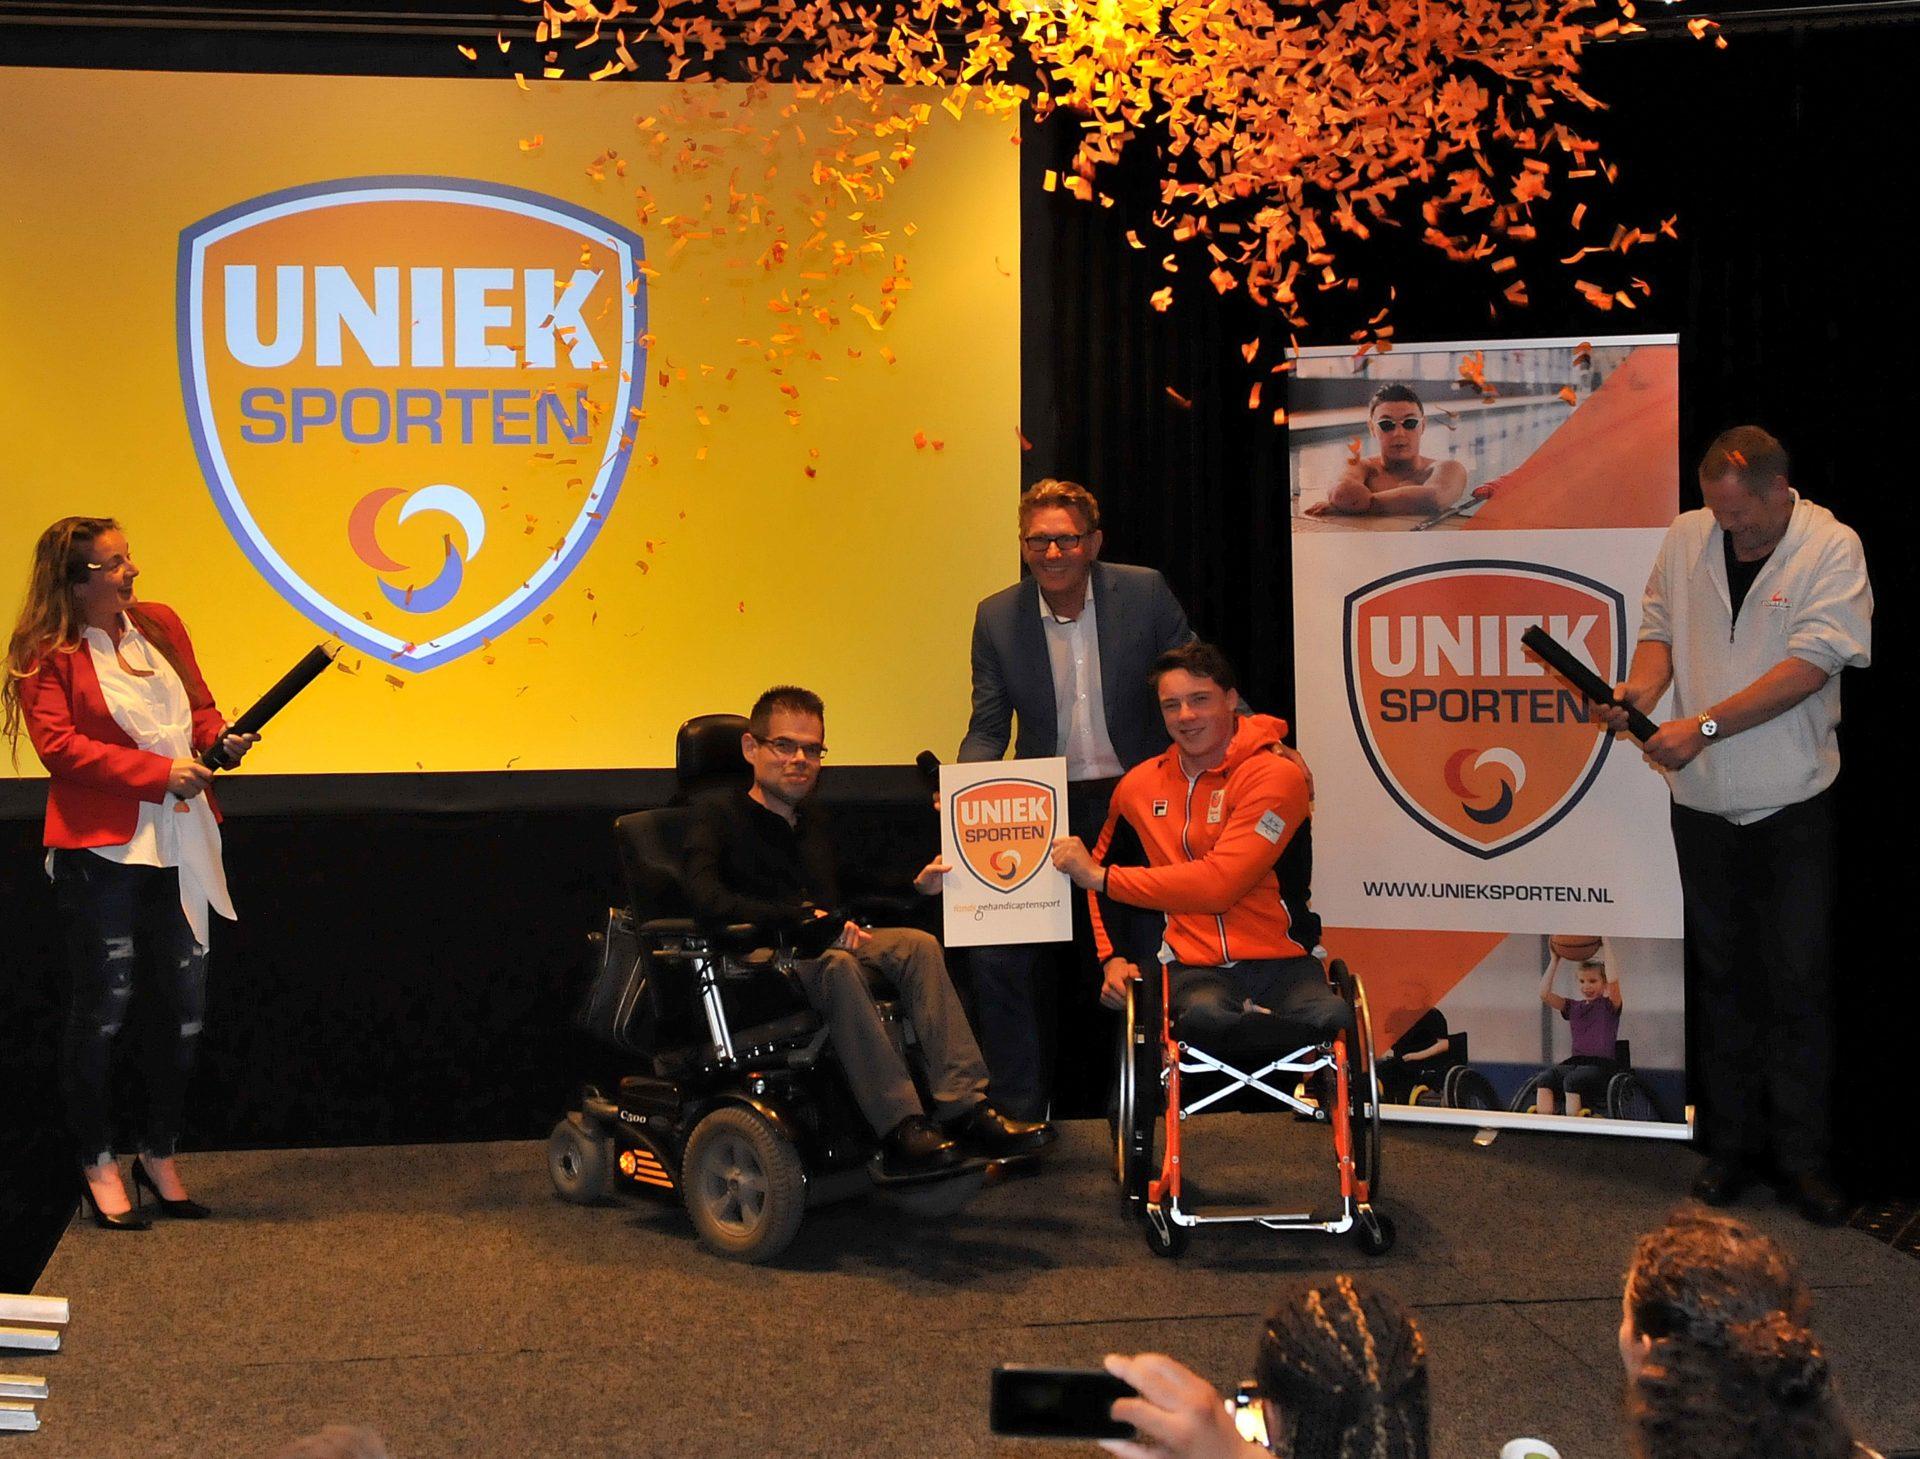 De website en app Uniek Sporten is gelanceerd in de regio Holland Rijnland